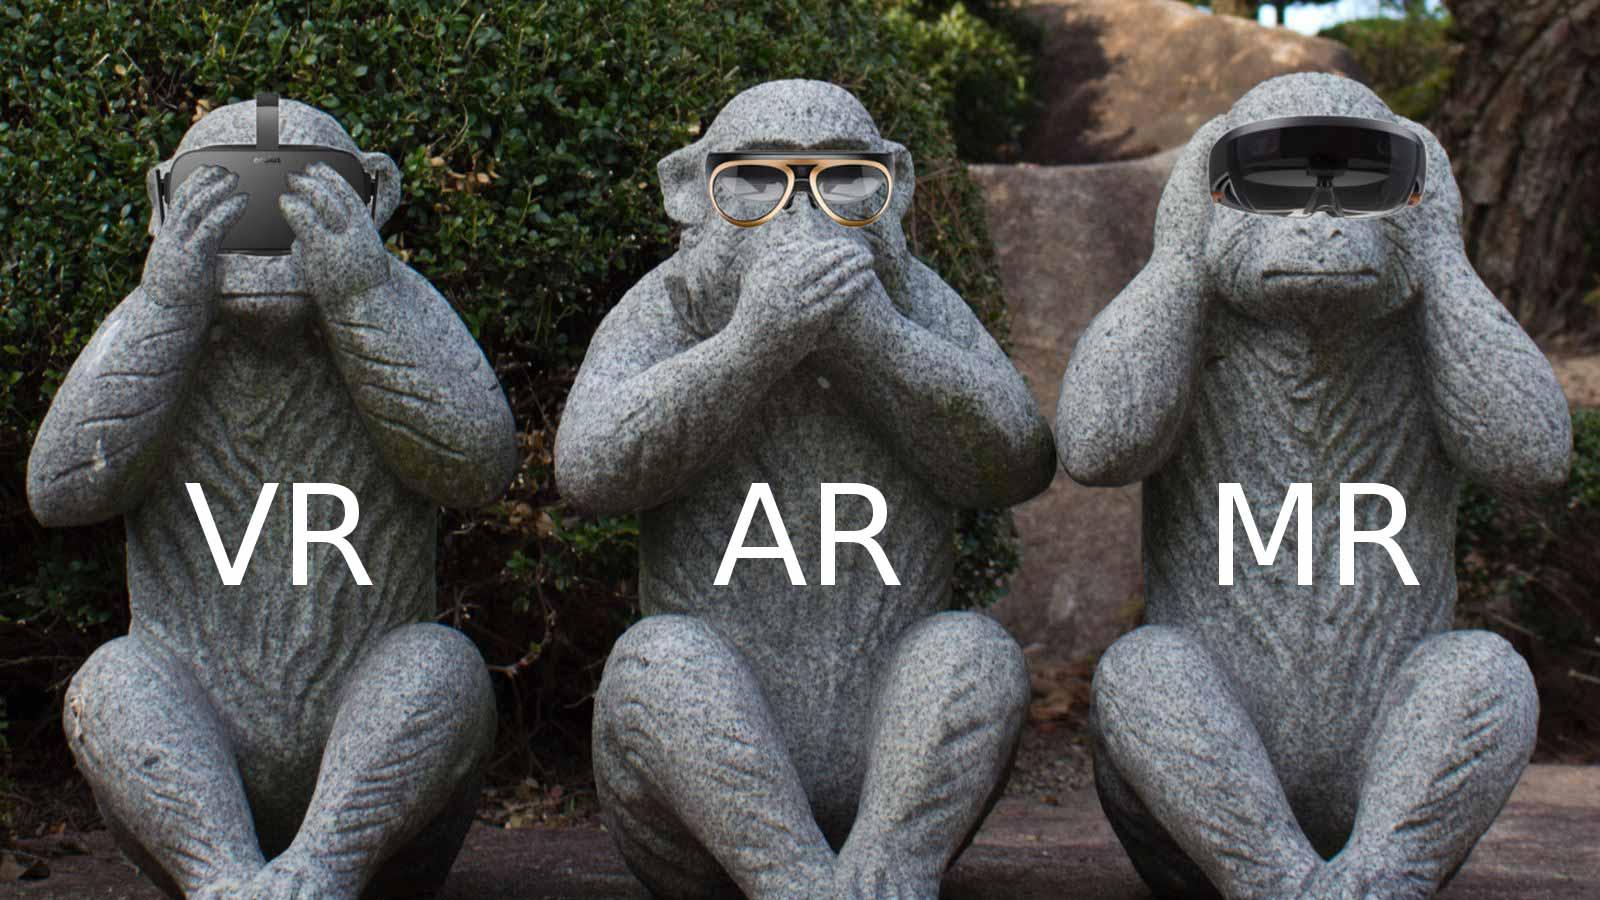 ¿Realidad Virtual, Realidad Aumentada y Realidad Mixta? ¡No te confundas!